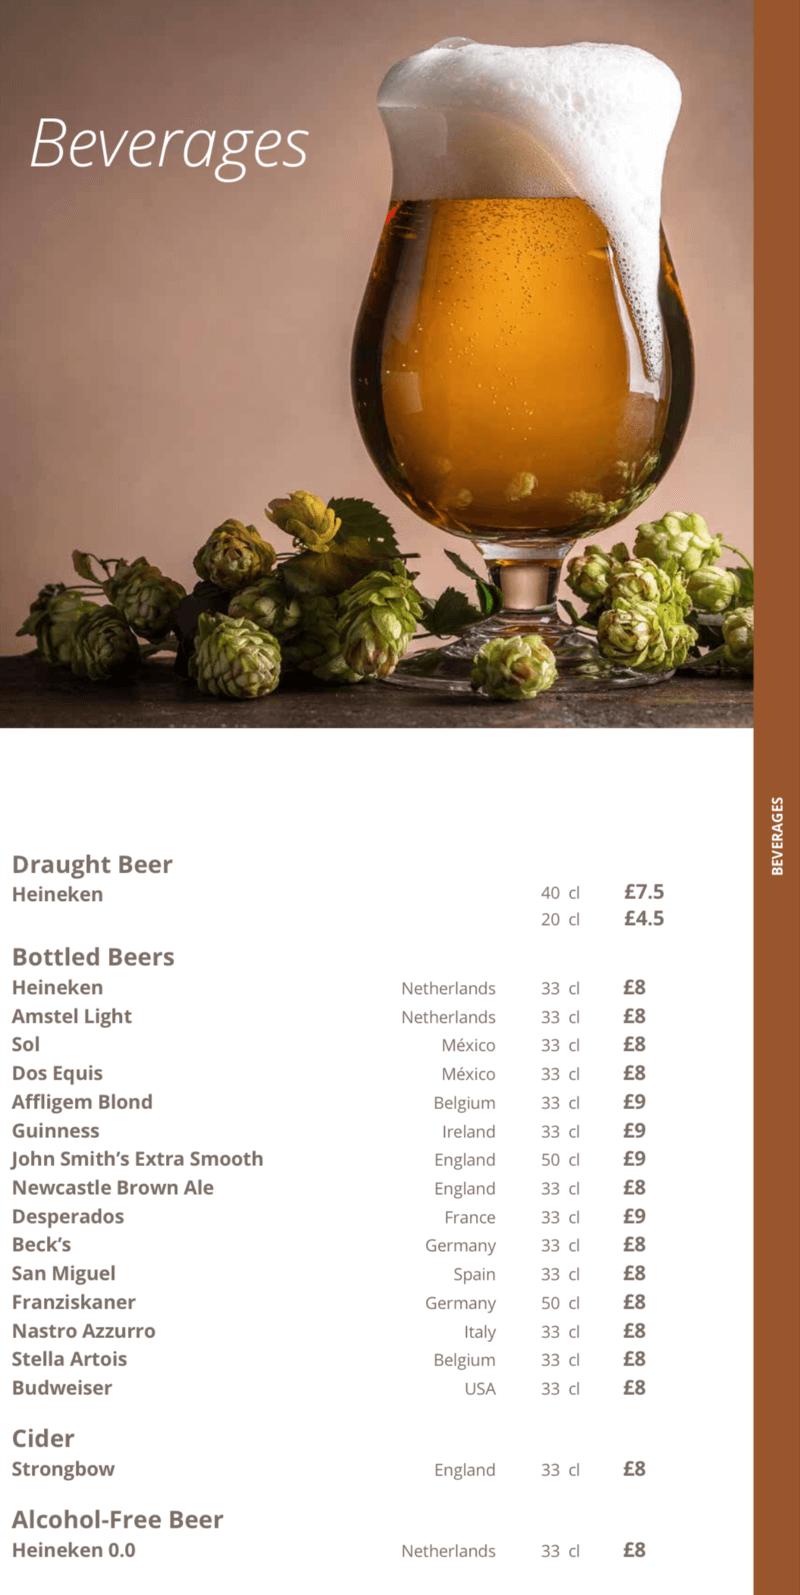 MSC Cruises beer list